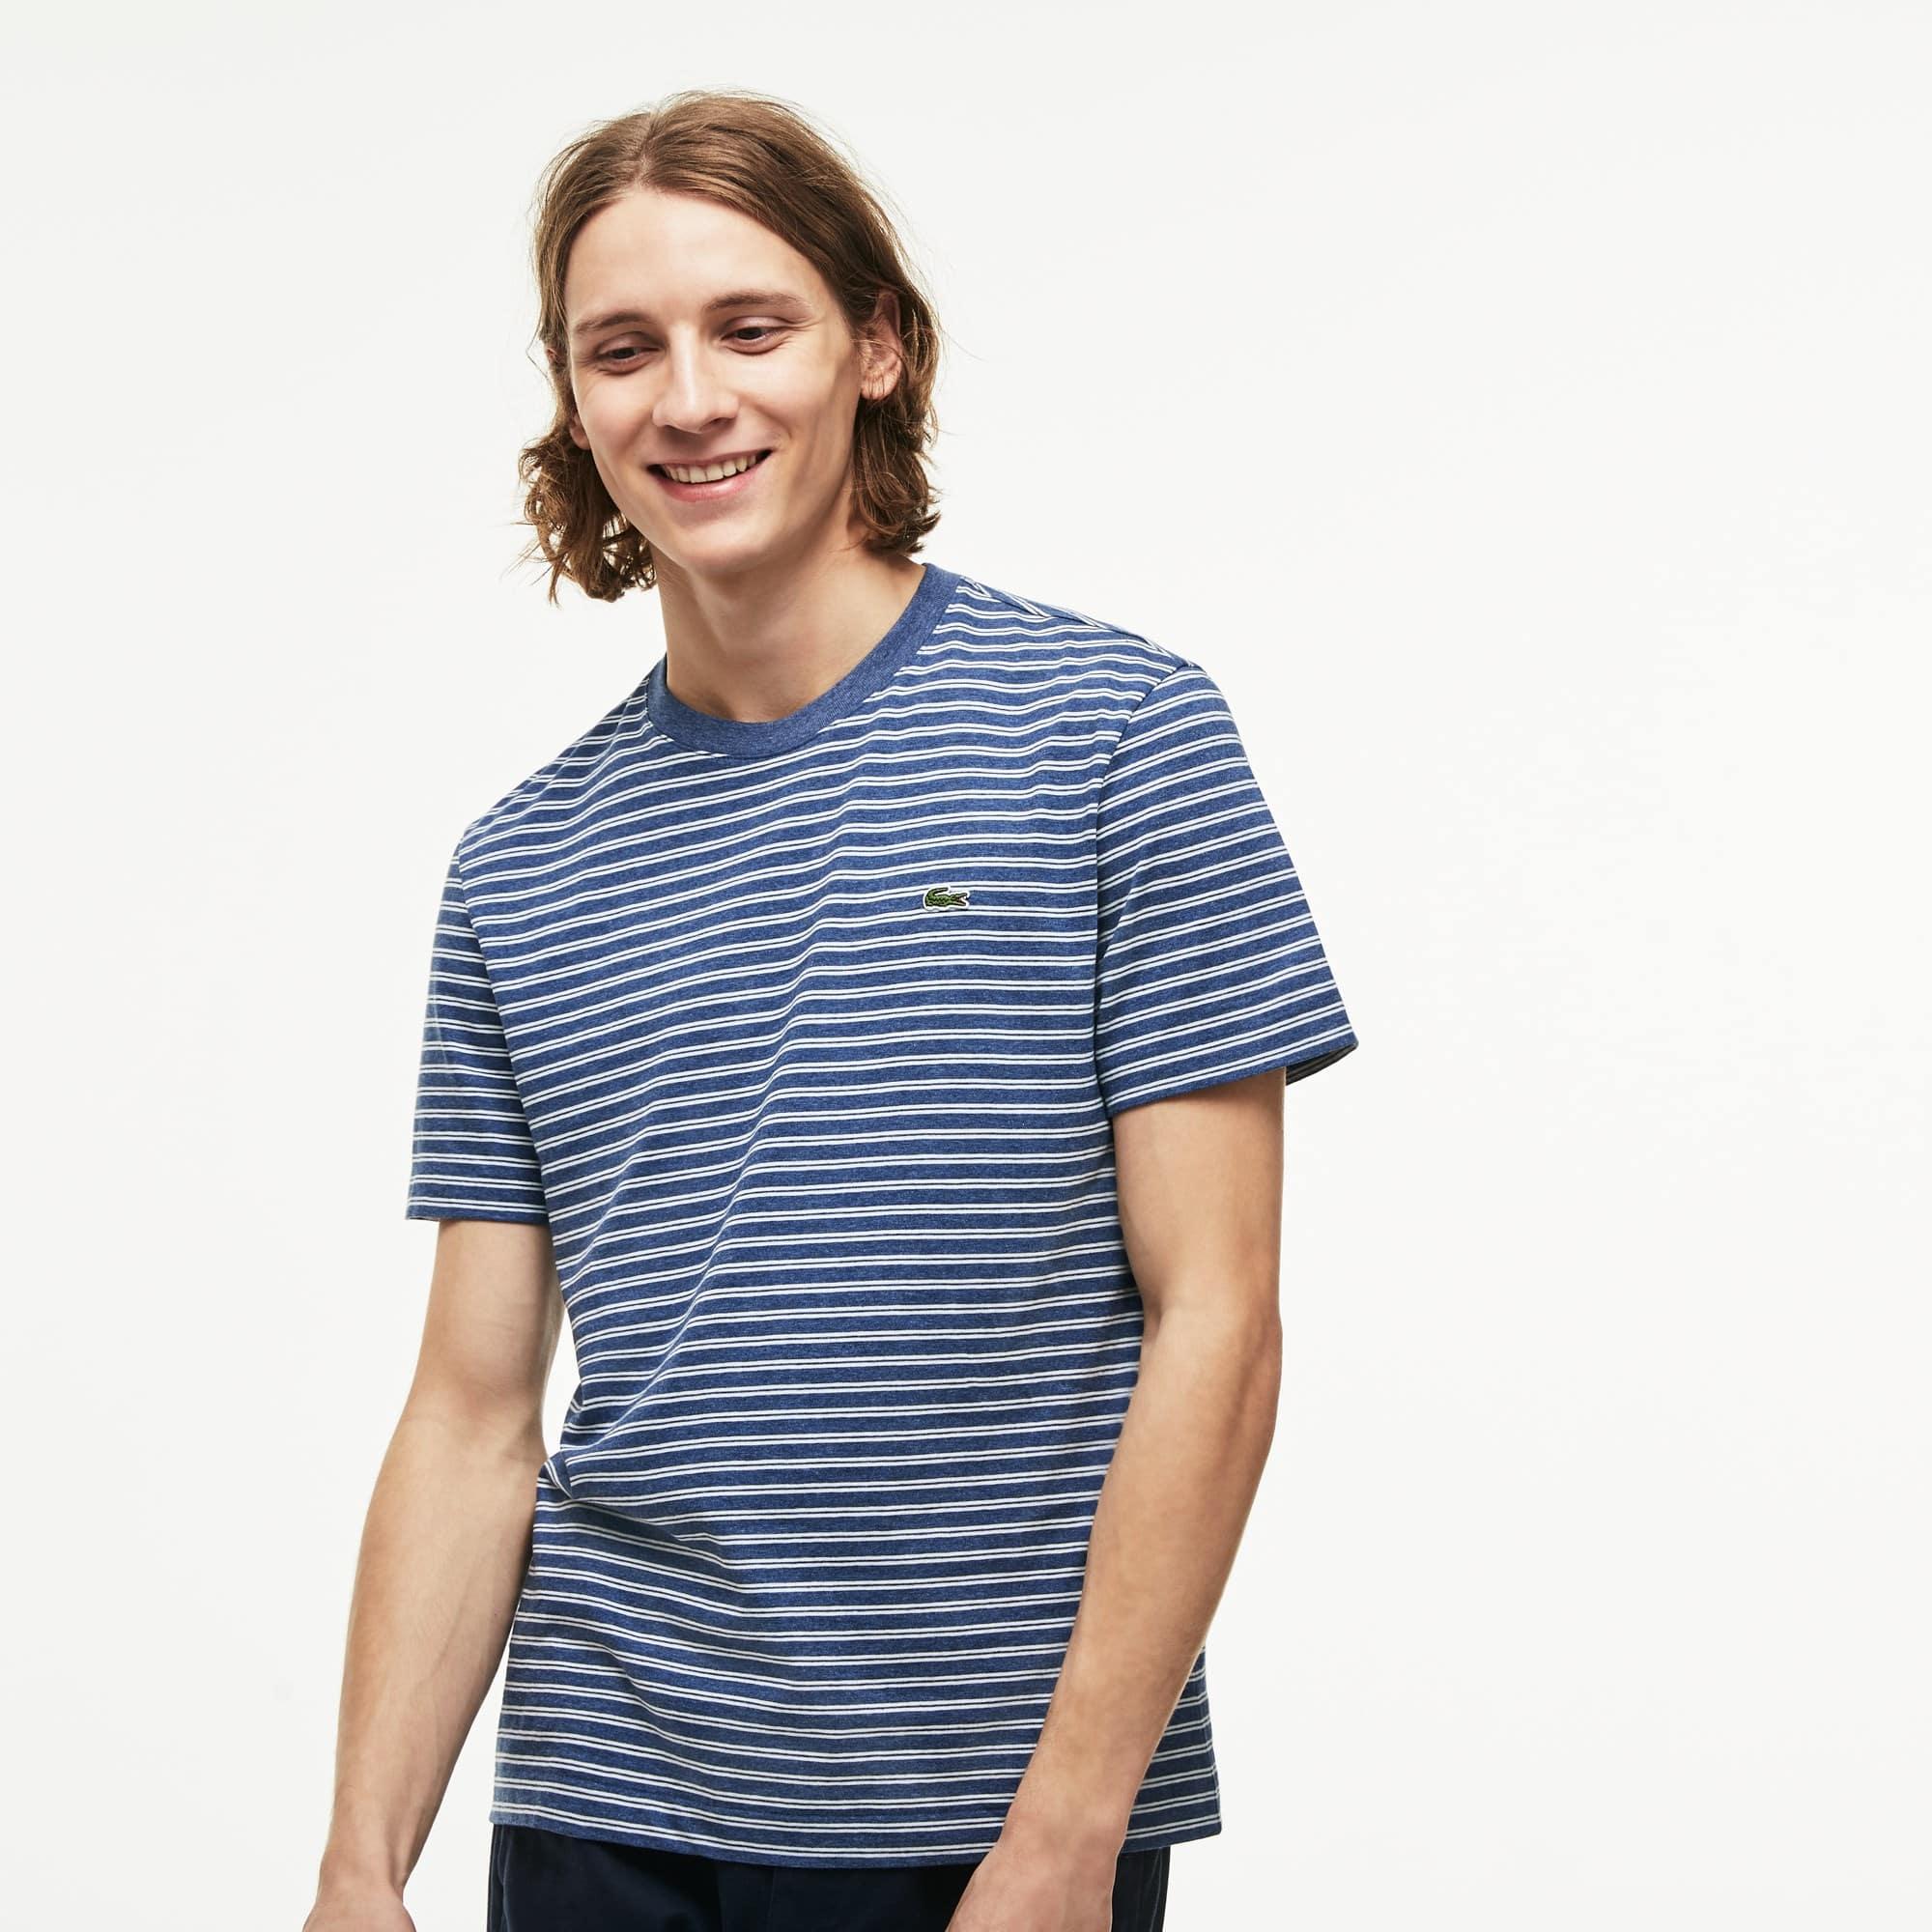 Lacoste - Herren Rundhals-Shirt aus gestreiftem Baumwolljersey - 6